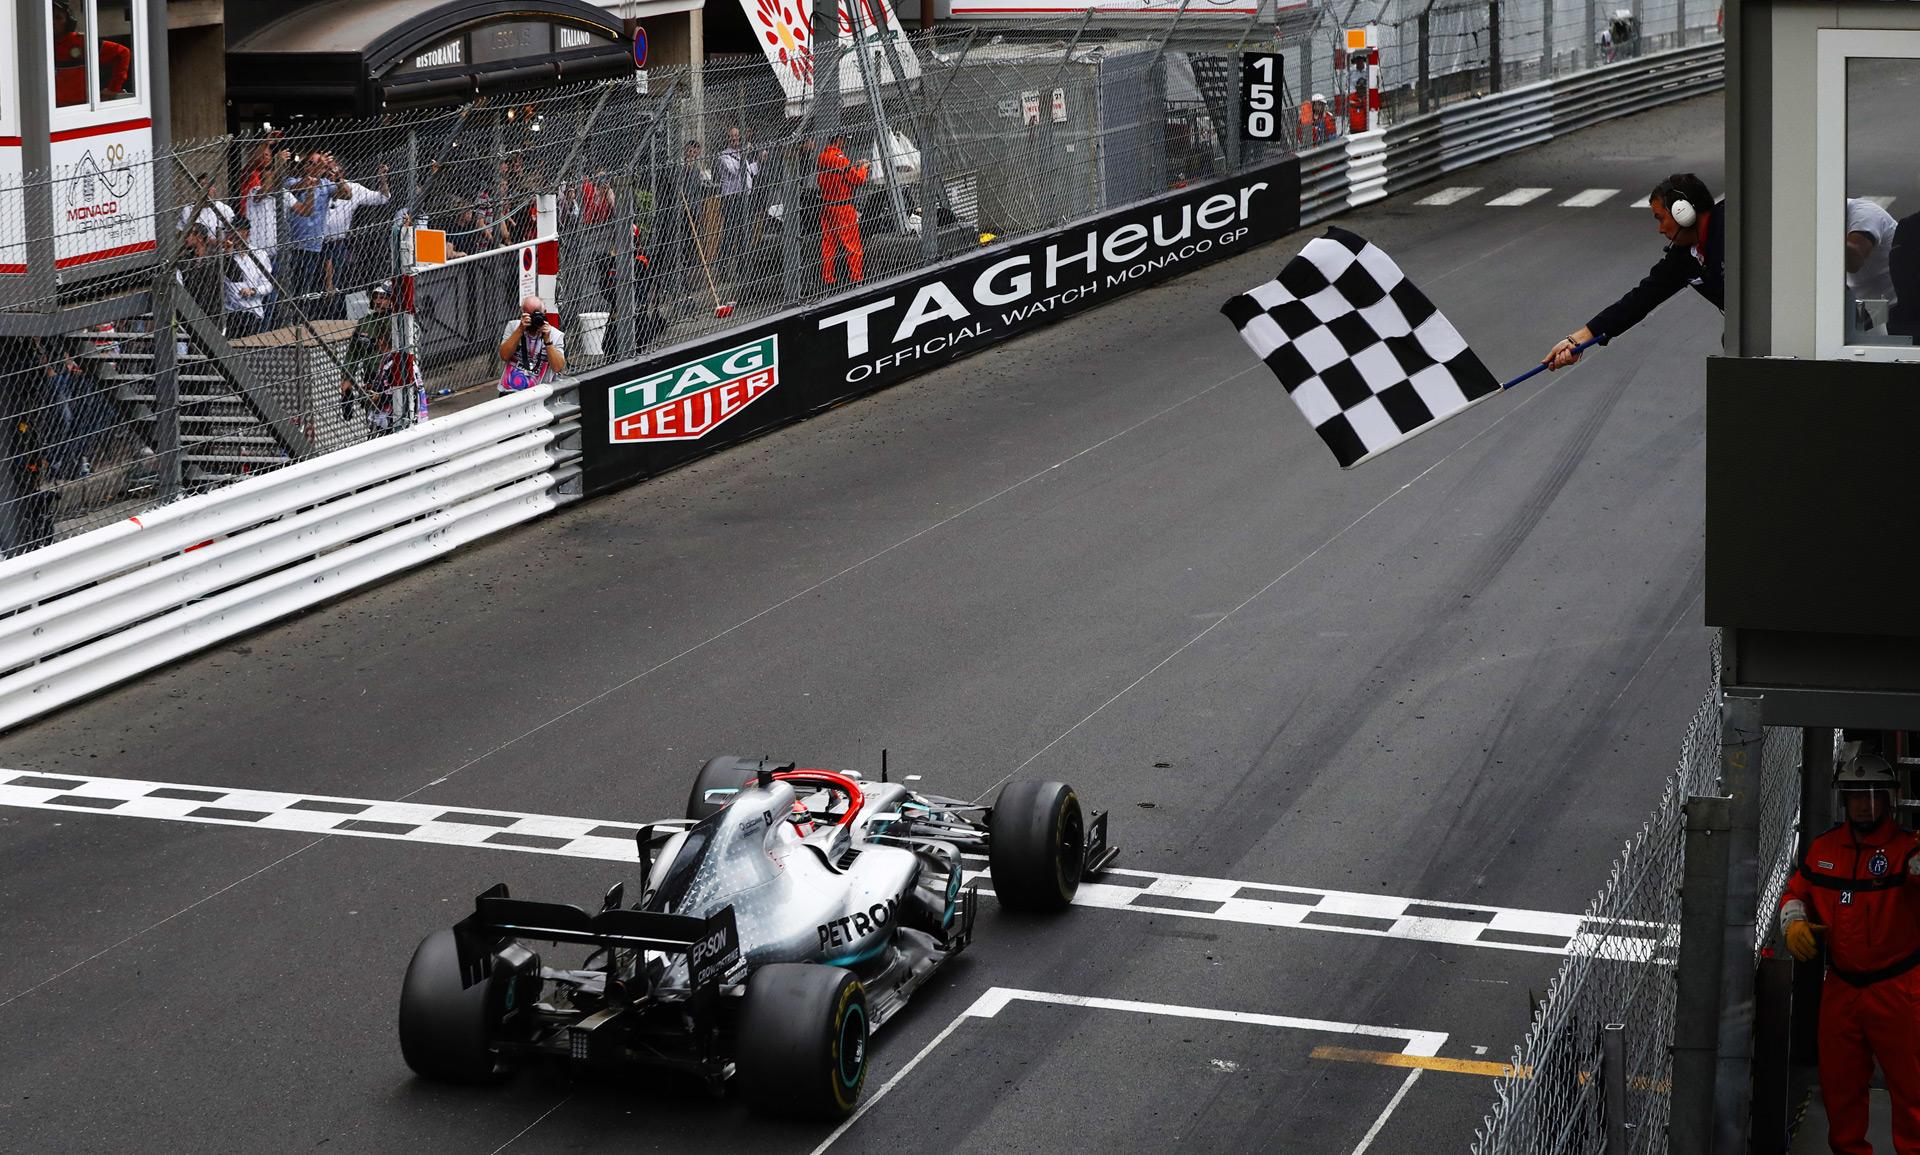 Grand prix f1 monaco 2019